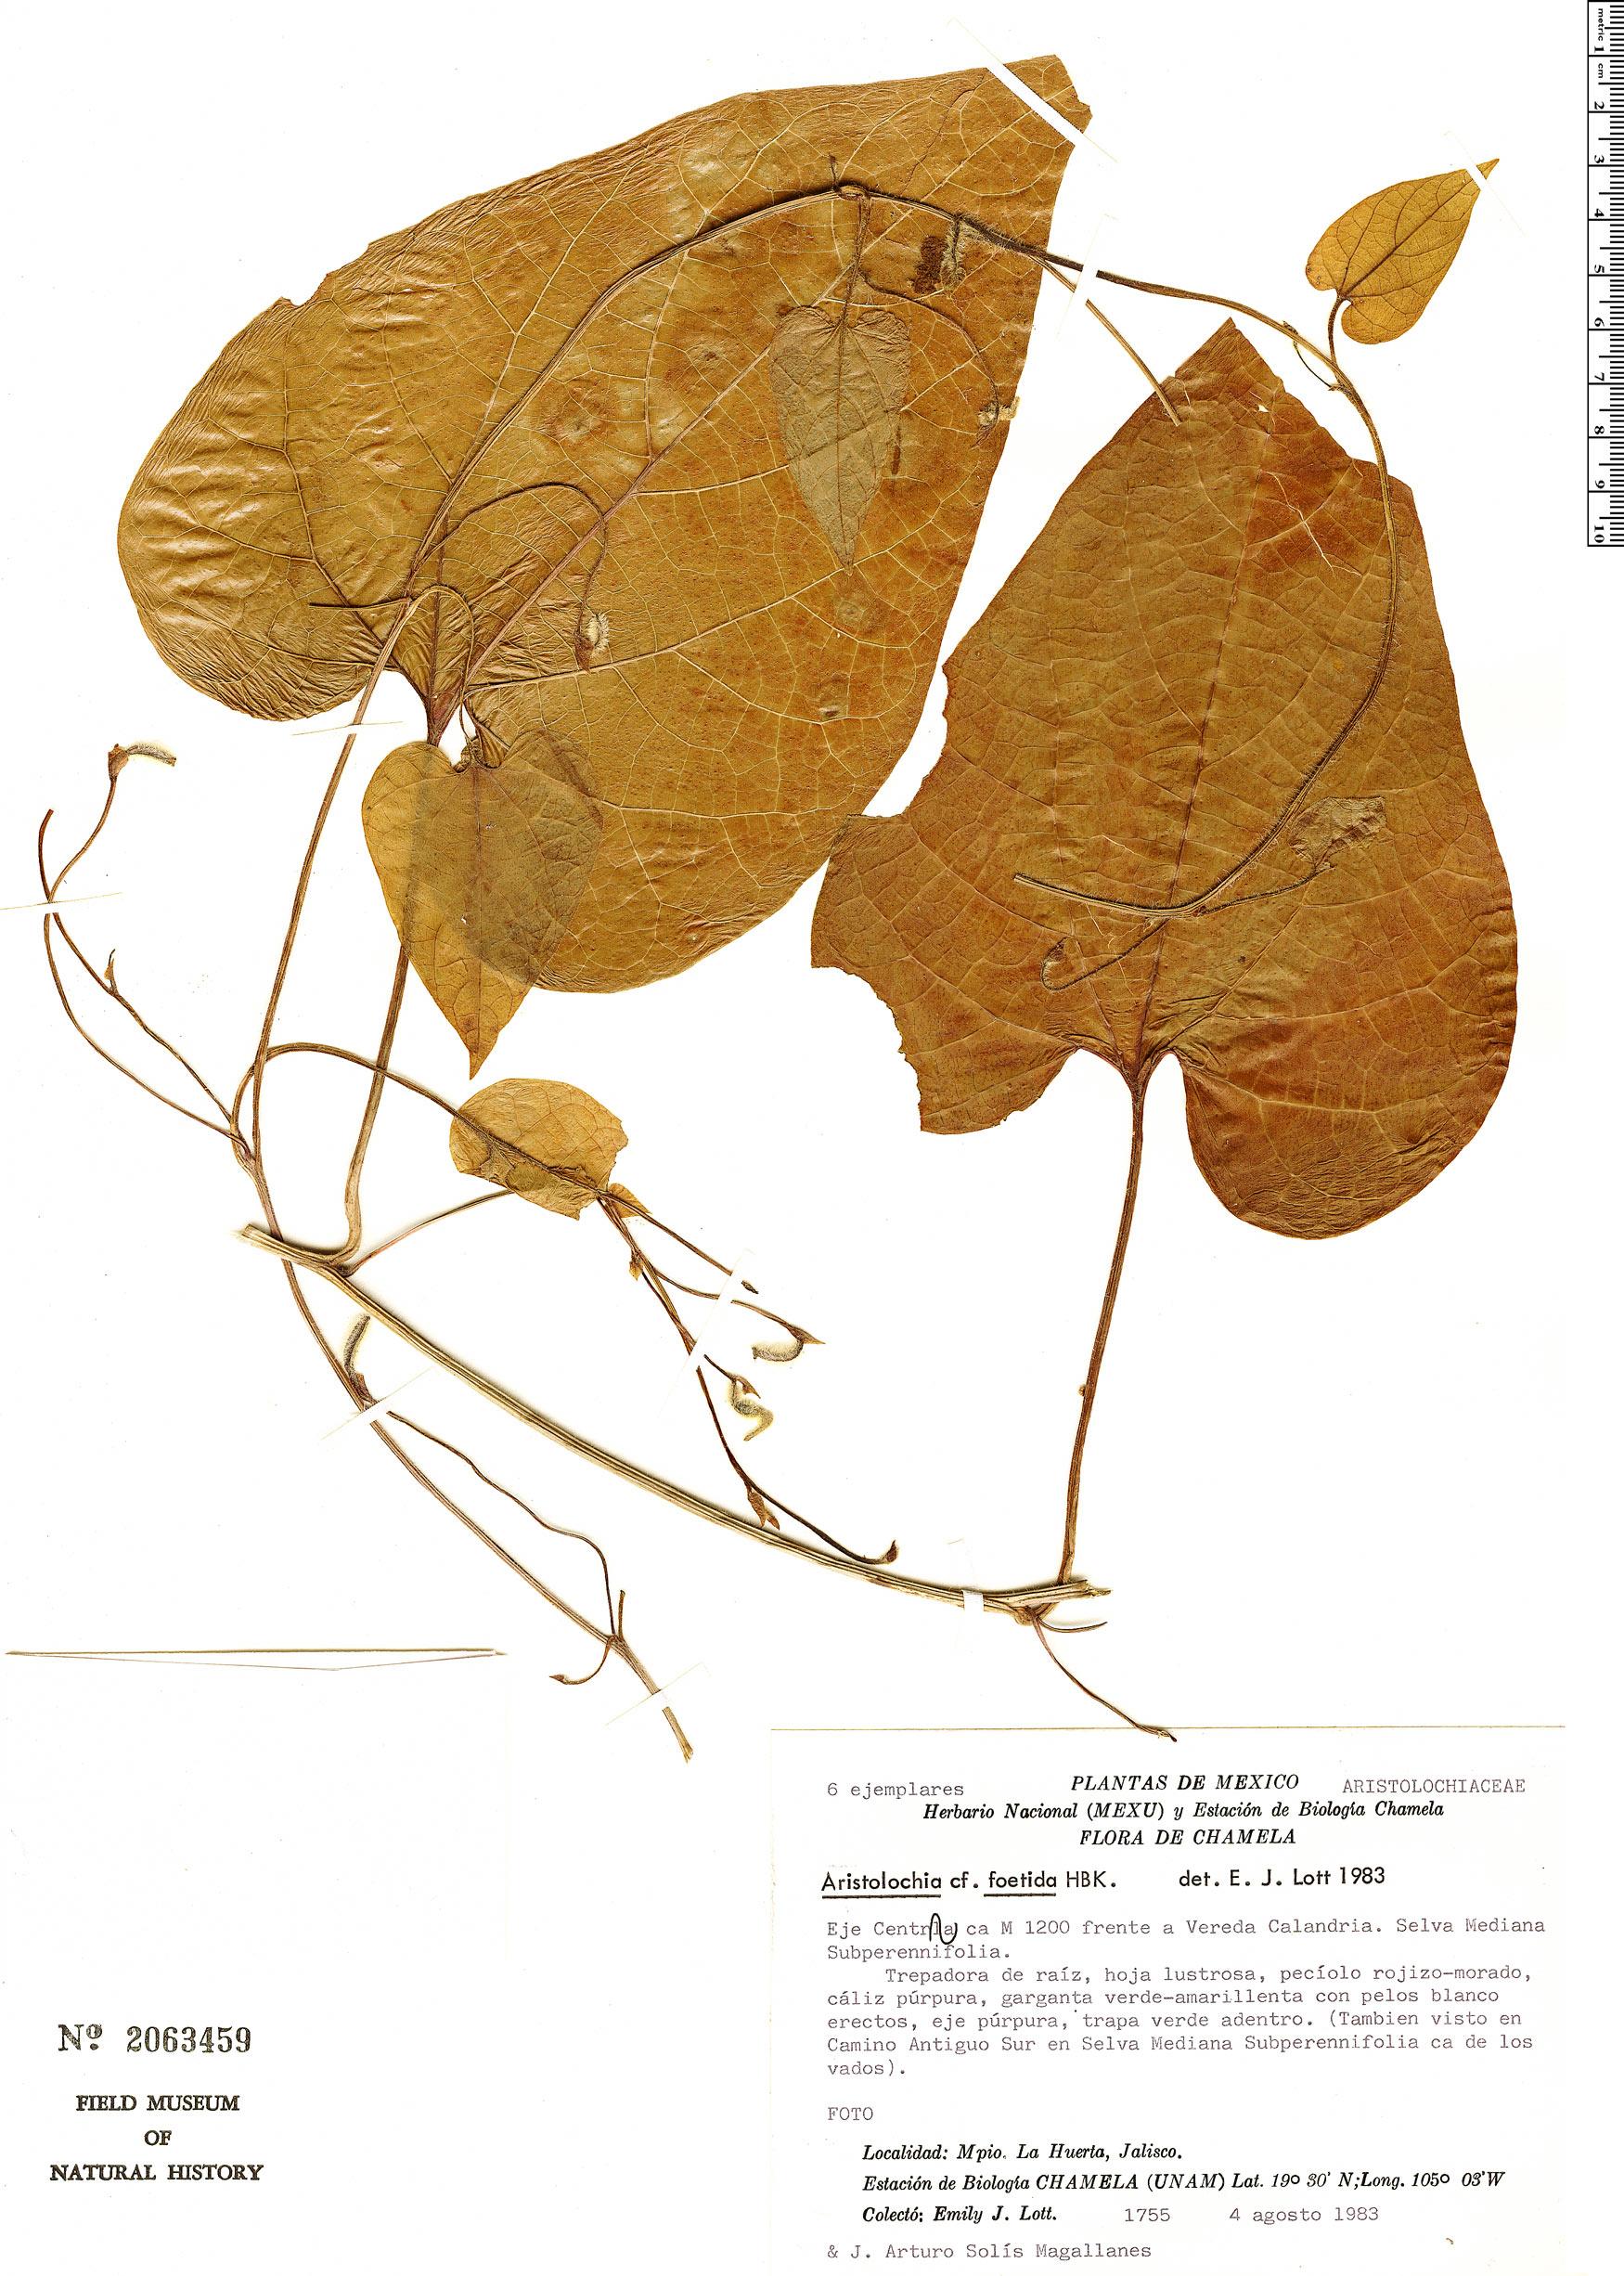 Specimen: Aristolochia foetida